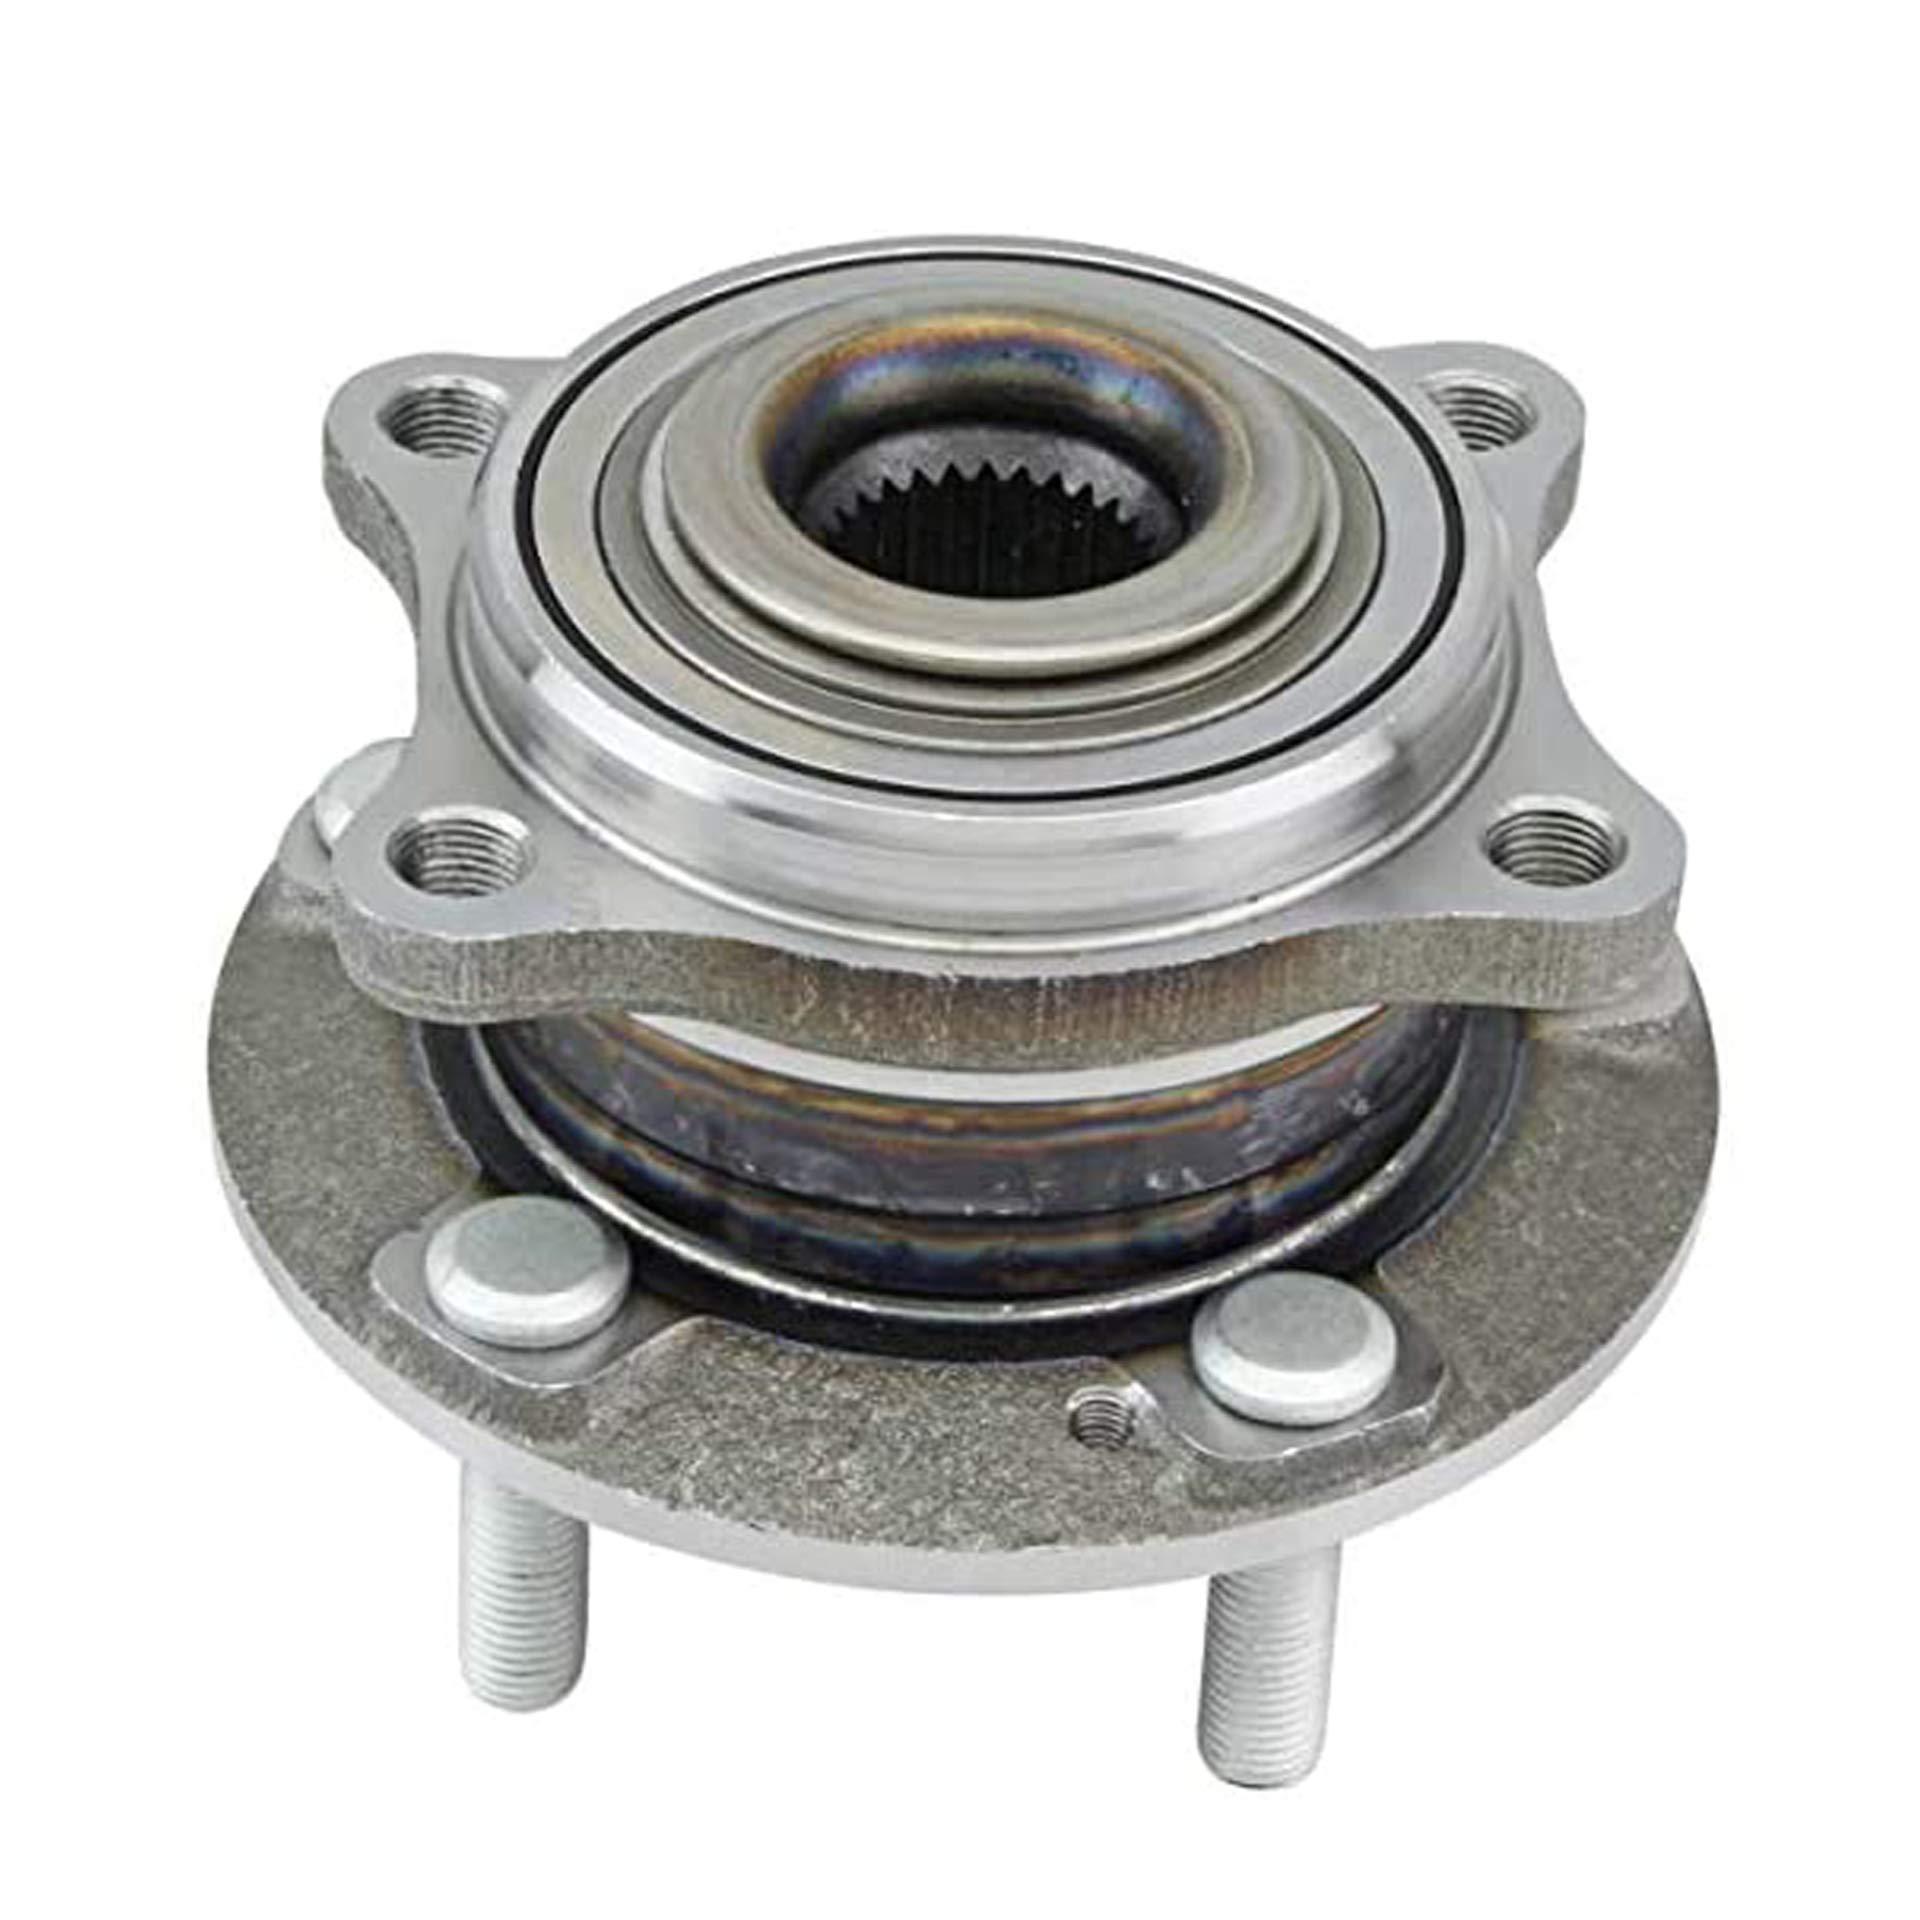 AWD REAR Wheel Hub and Bearing Assembly for For - 2011-2015 Kia Sorento AWD - [2007-2014 Hyundai Santa Fe AWD] - 2013 Santa Fe XL - [2007-2010 Veracruz AWD]